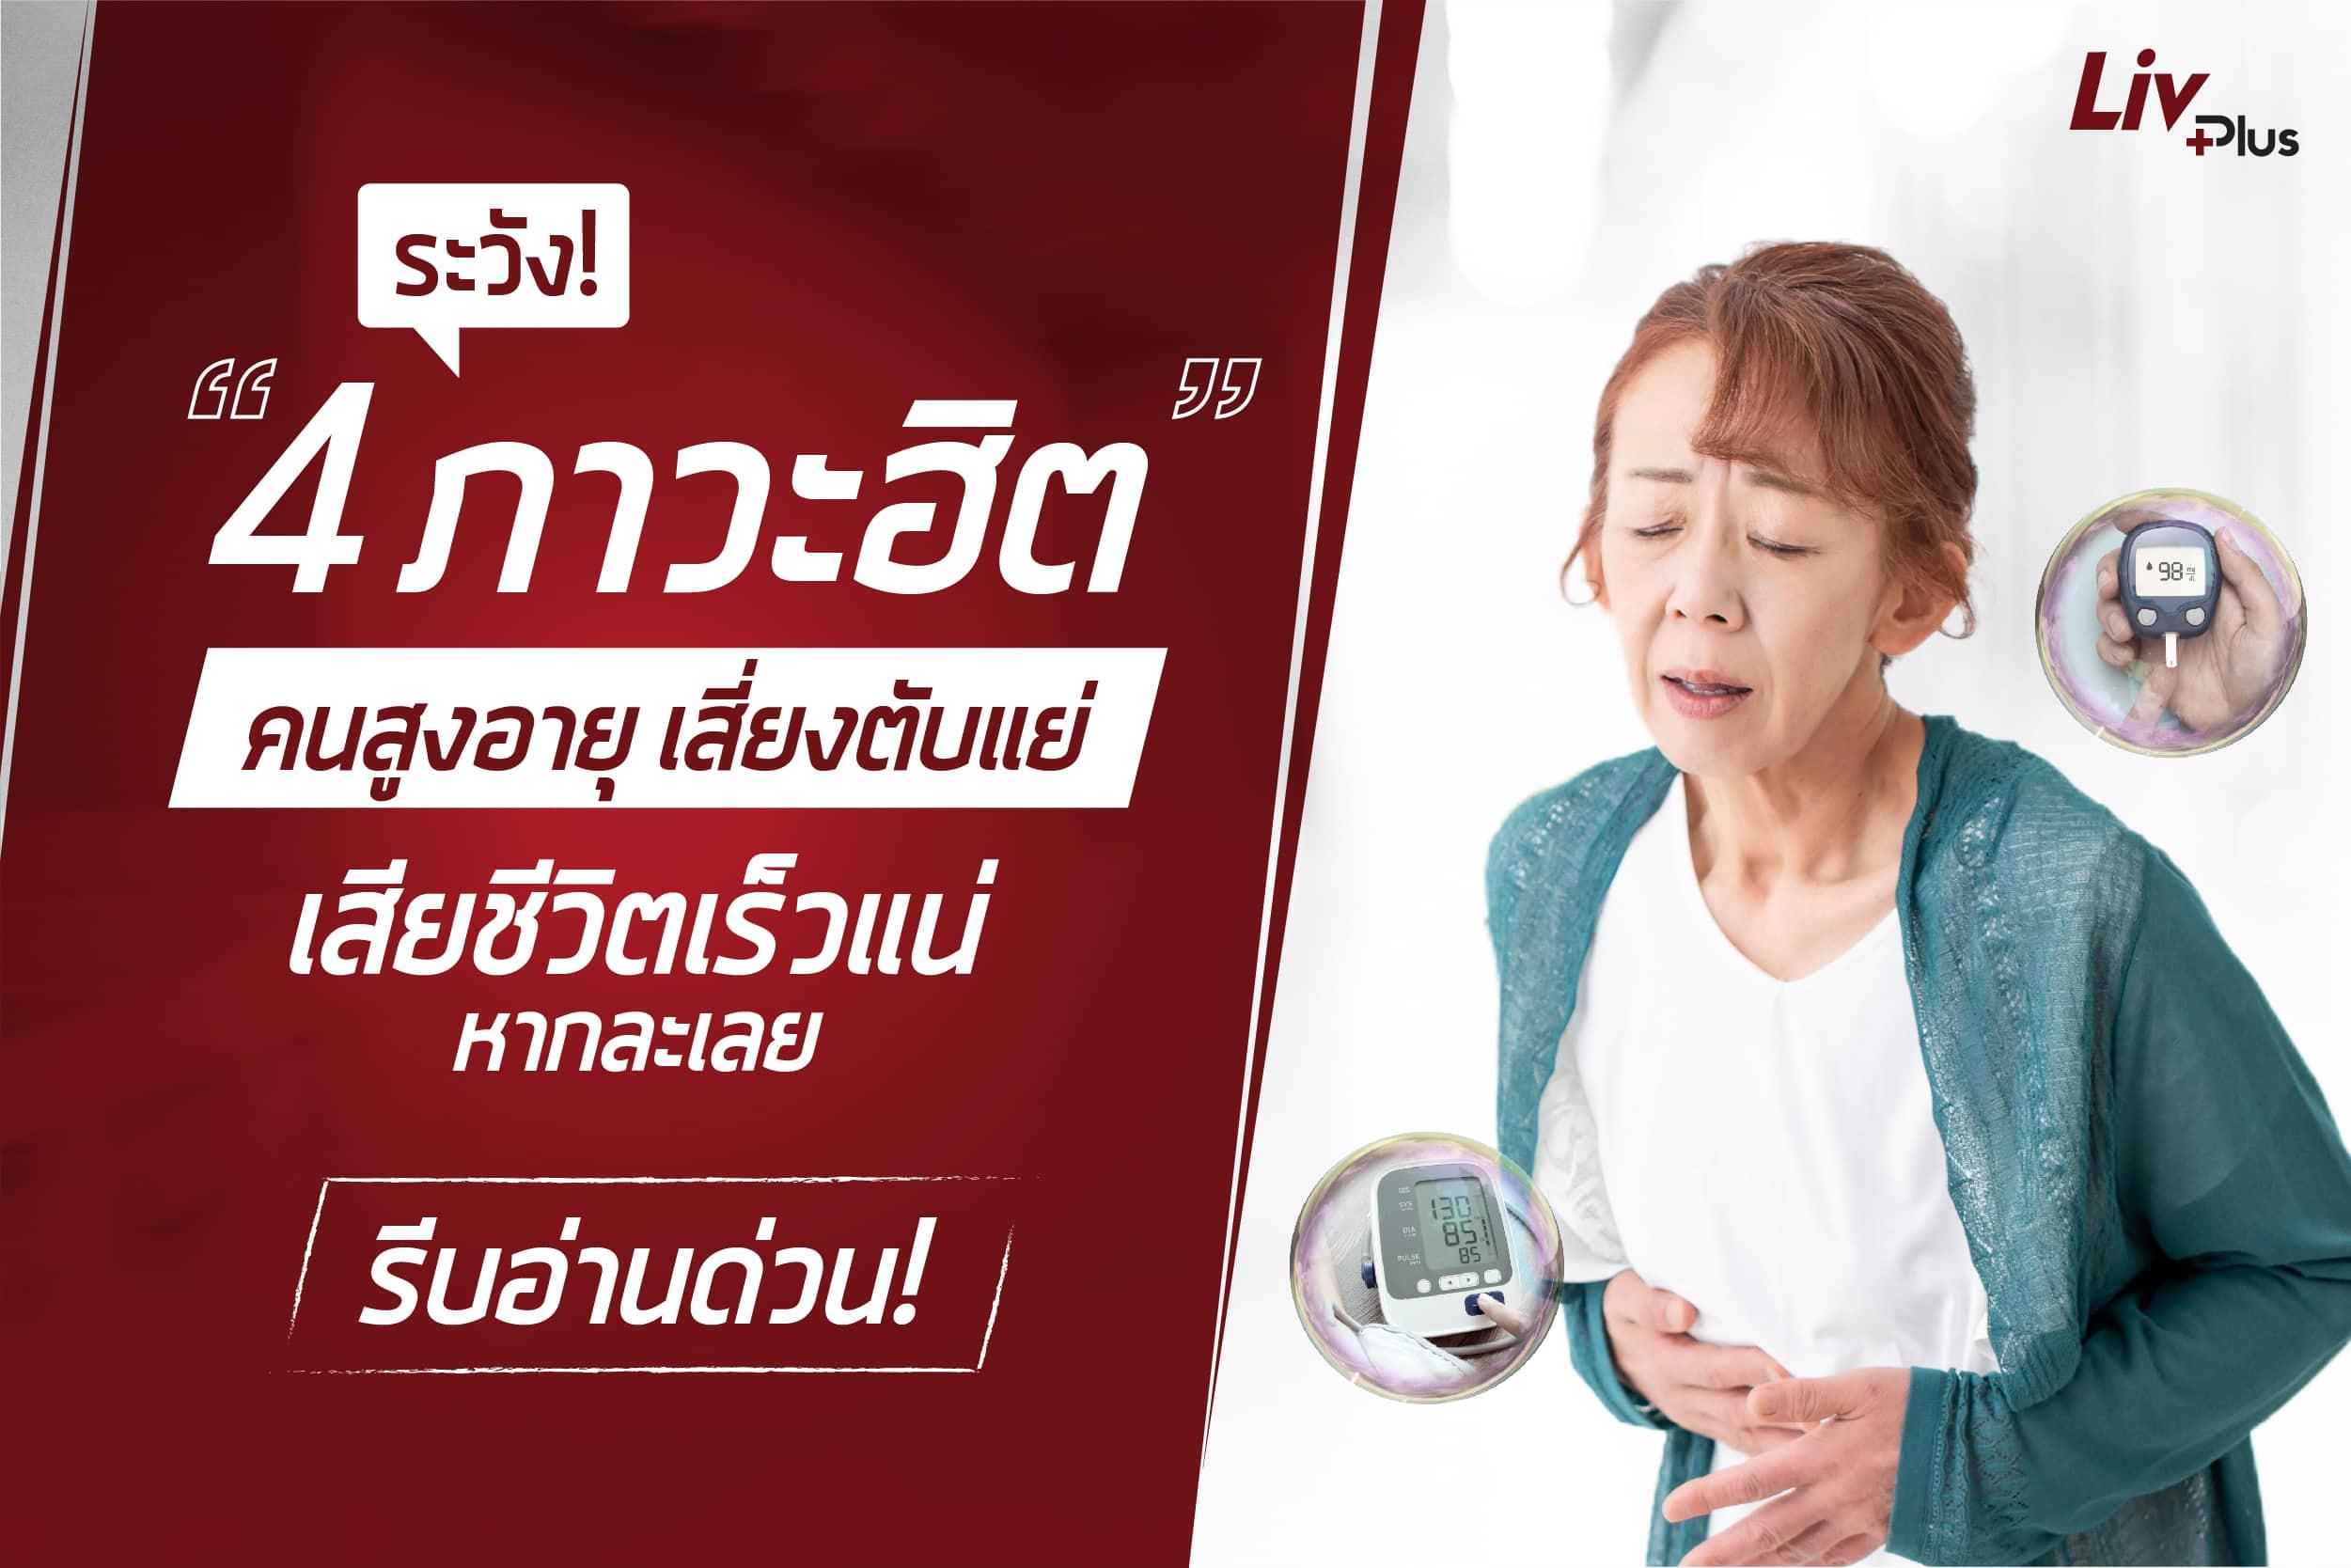 ระวัง 4 ภาวะฮิตของคนสูงอายุ เสี่ยงตับแย่ เสียชีวิตเร็วแน่ หากละเลย รีบอ่านด่วน!